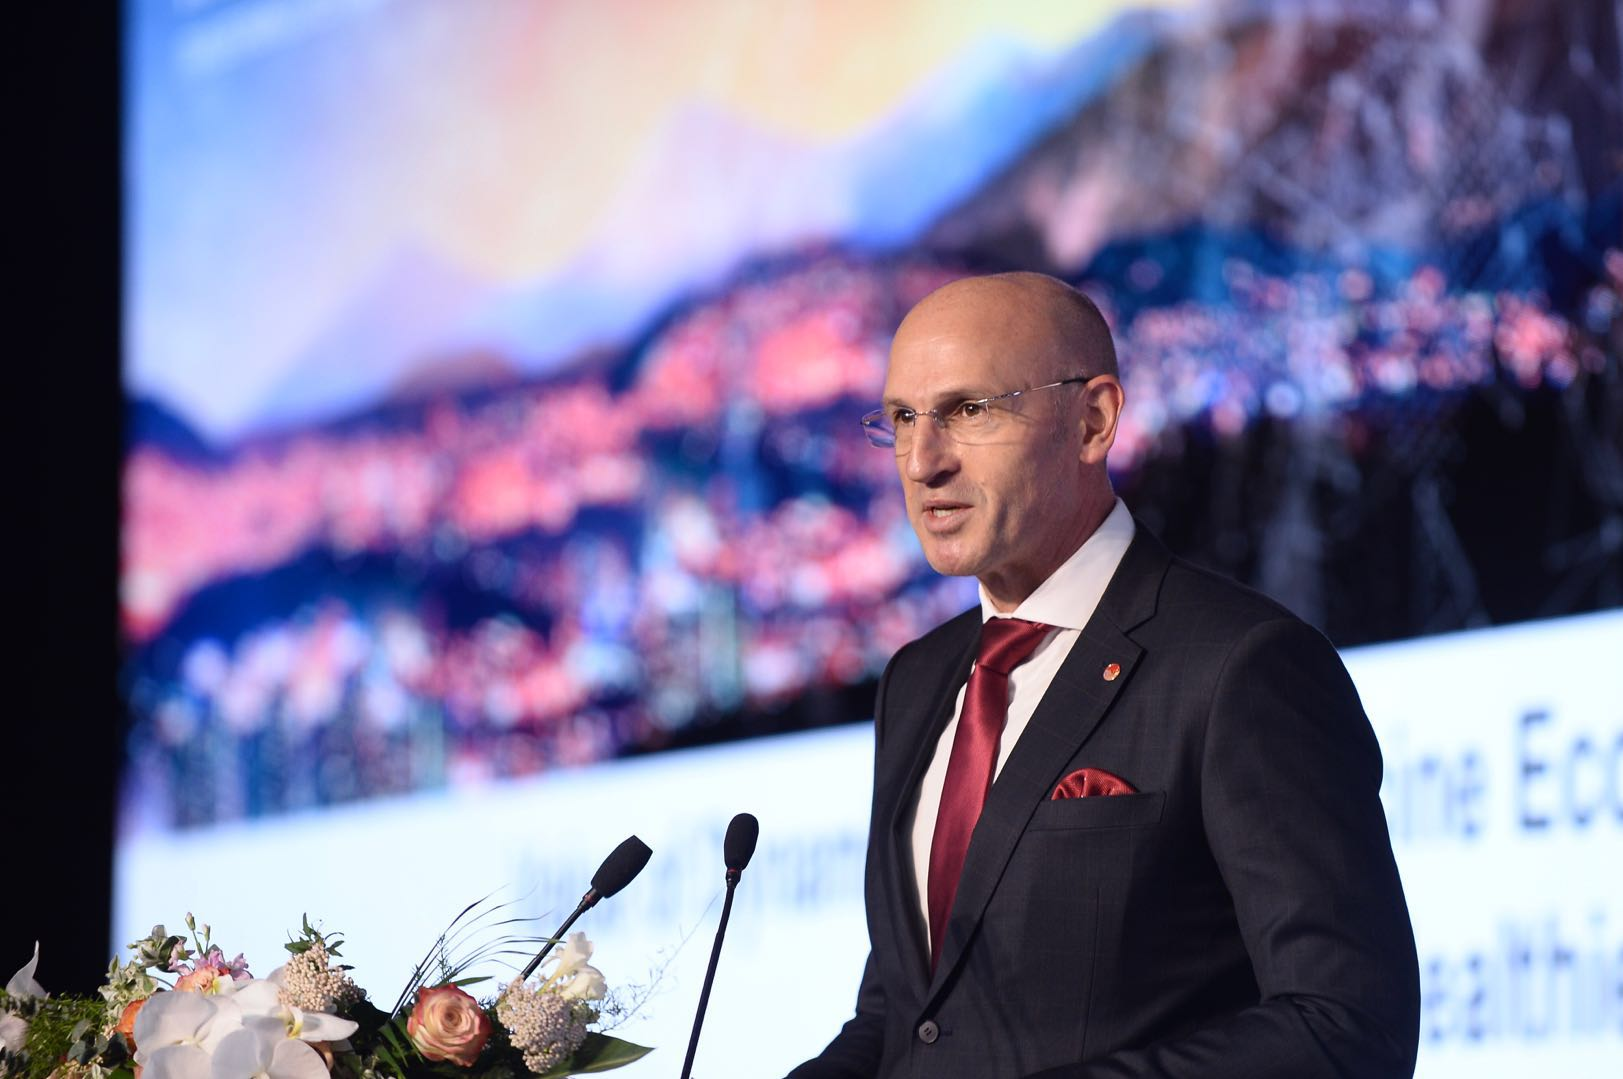 Tony Acciarito, President, Thermo Fisher Greater China